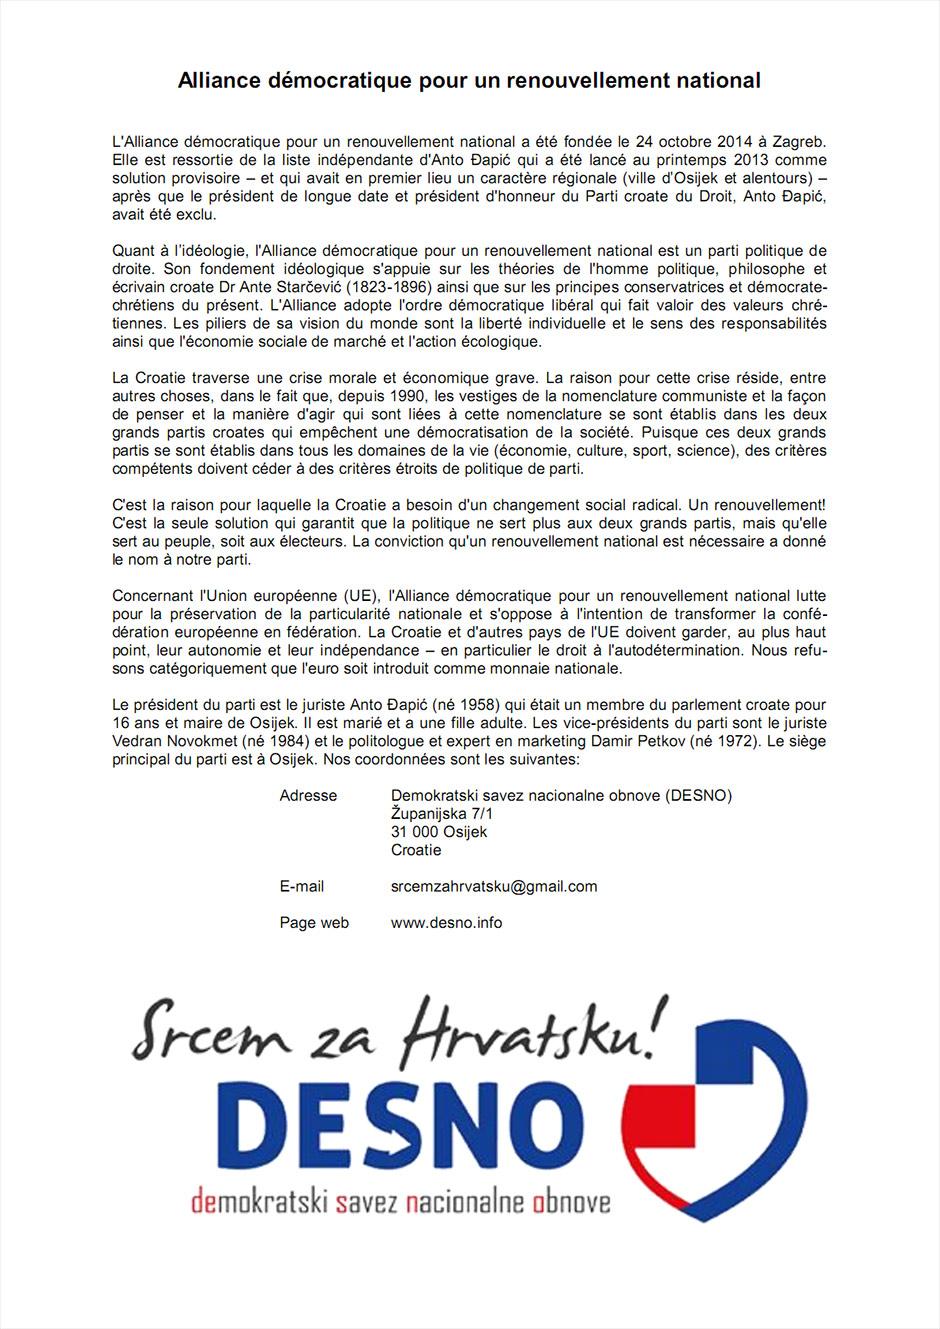 Alliance-démocratique-pour-un-renouvellement-national